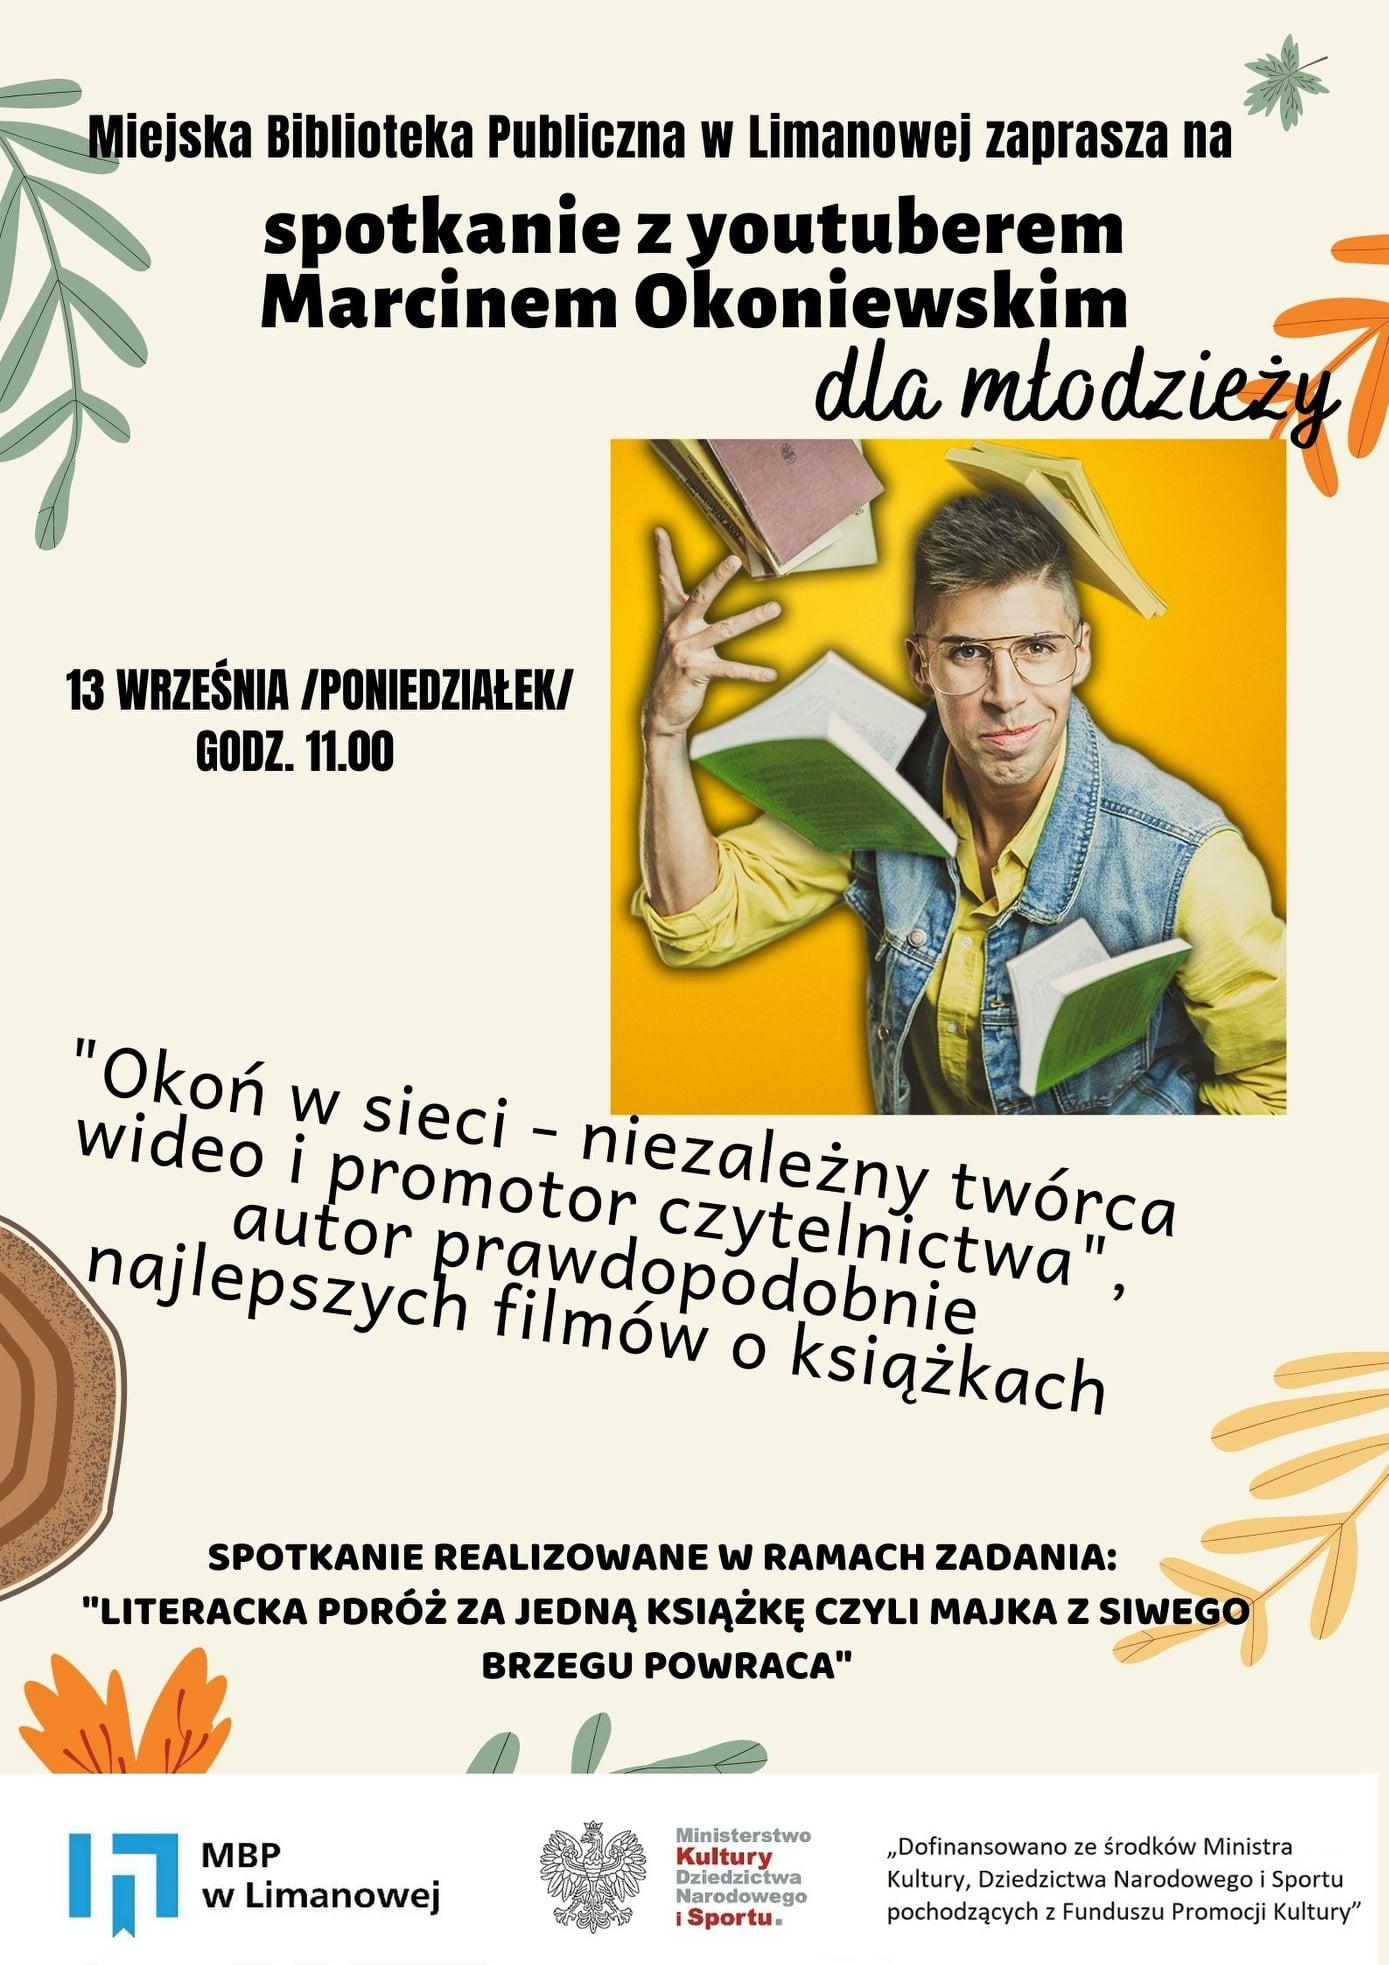 Zdjęcie przedstawia plakat informujący o spotkaniu z Marcinem Okoniewskim, dziennikarzem i youtuberem, niezależnym twórcą wideo i promotorem czytelnictwa, które odbędzie się 13 września 2021 r.